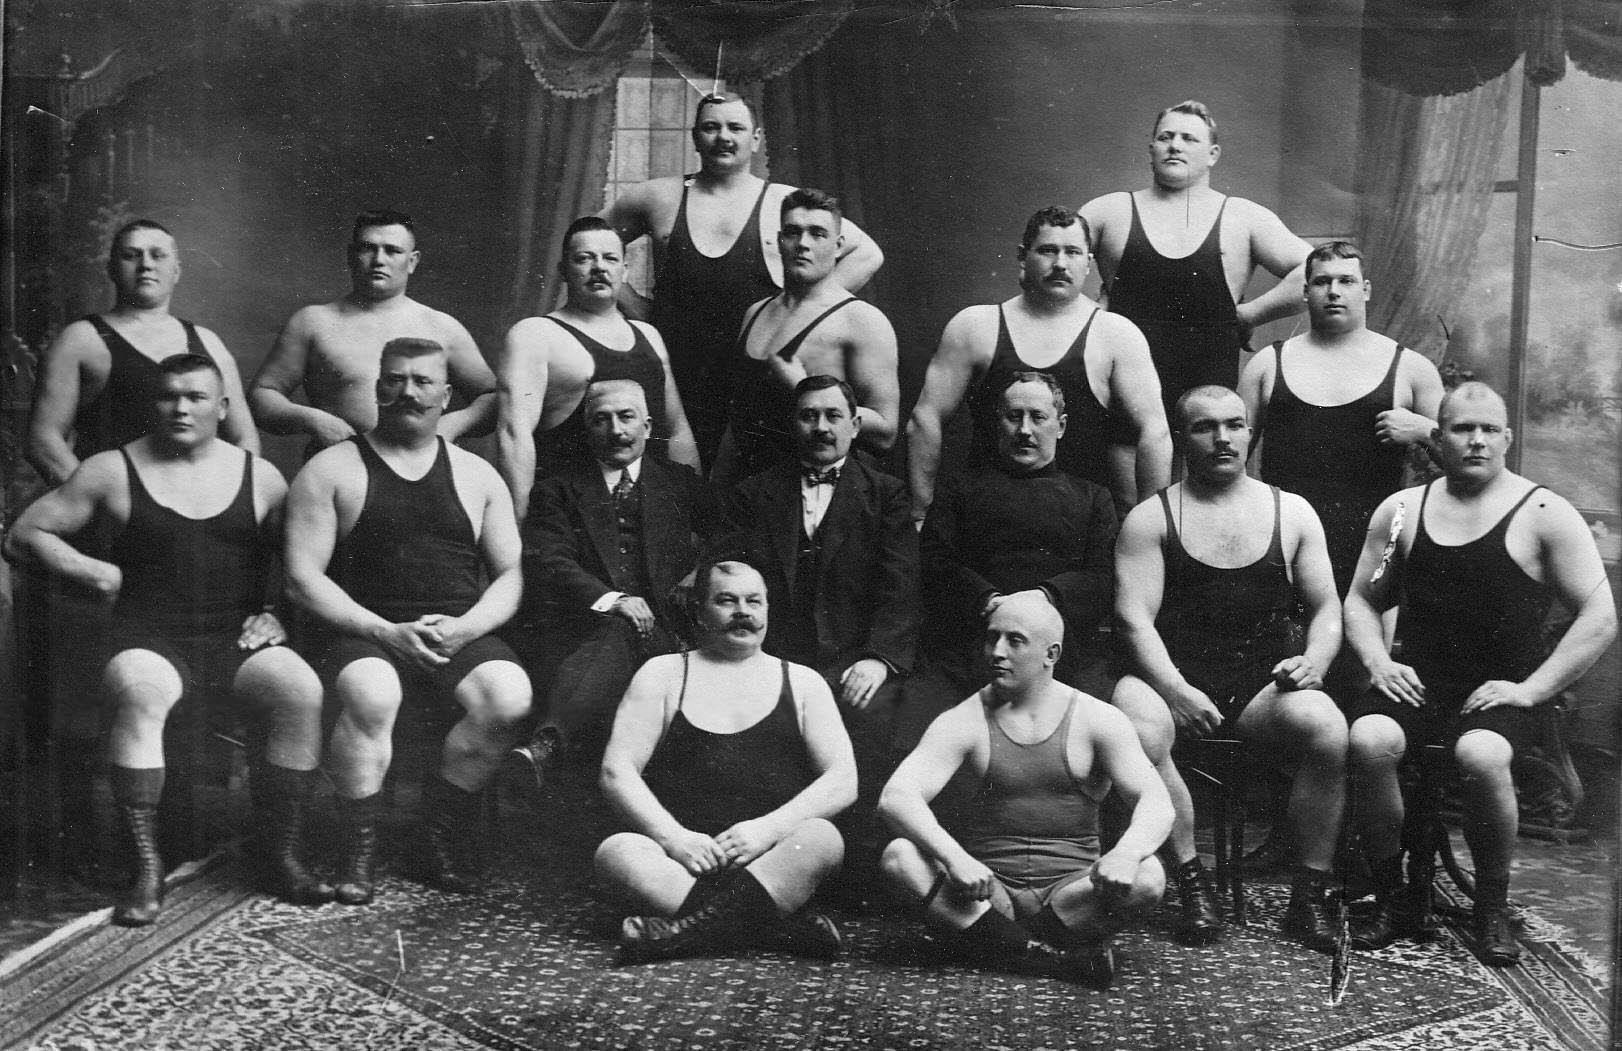 Группа тренеров и борцов, участников чемпионата; 2-й слева во втором ряду - И.М.Поддубный